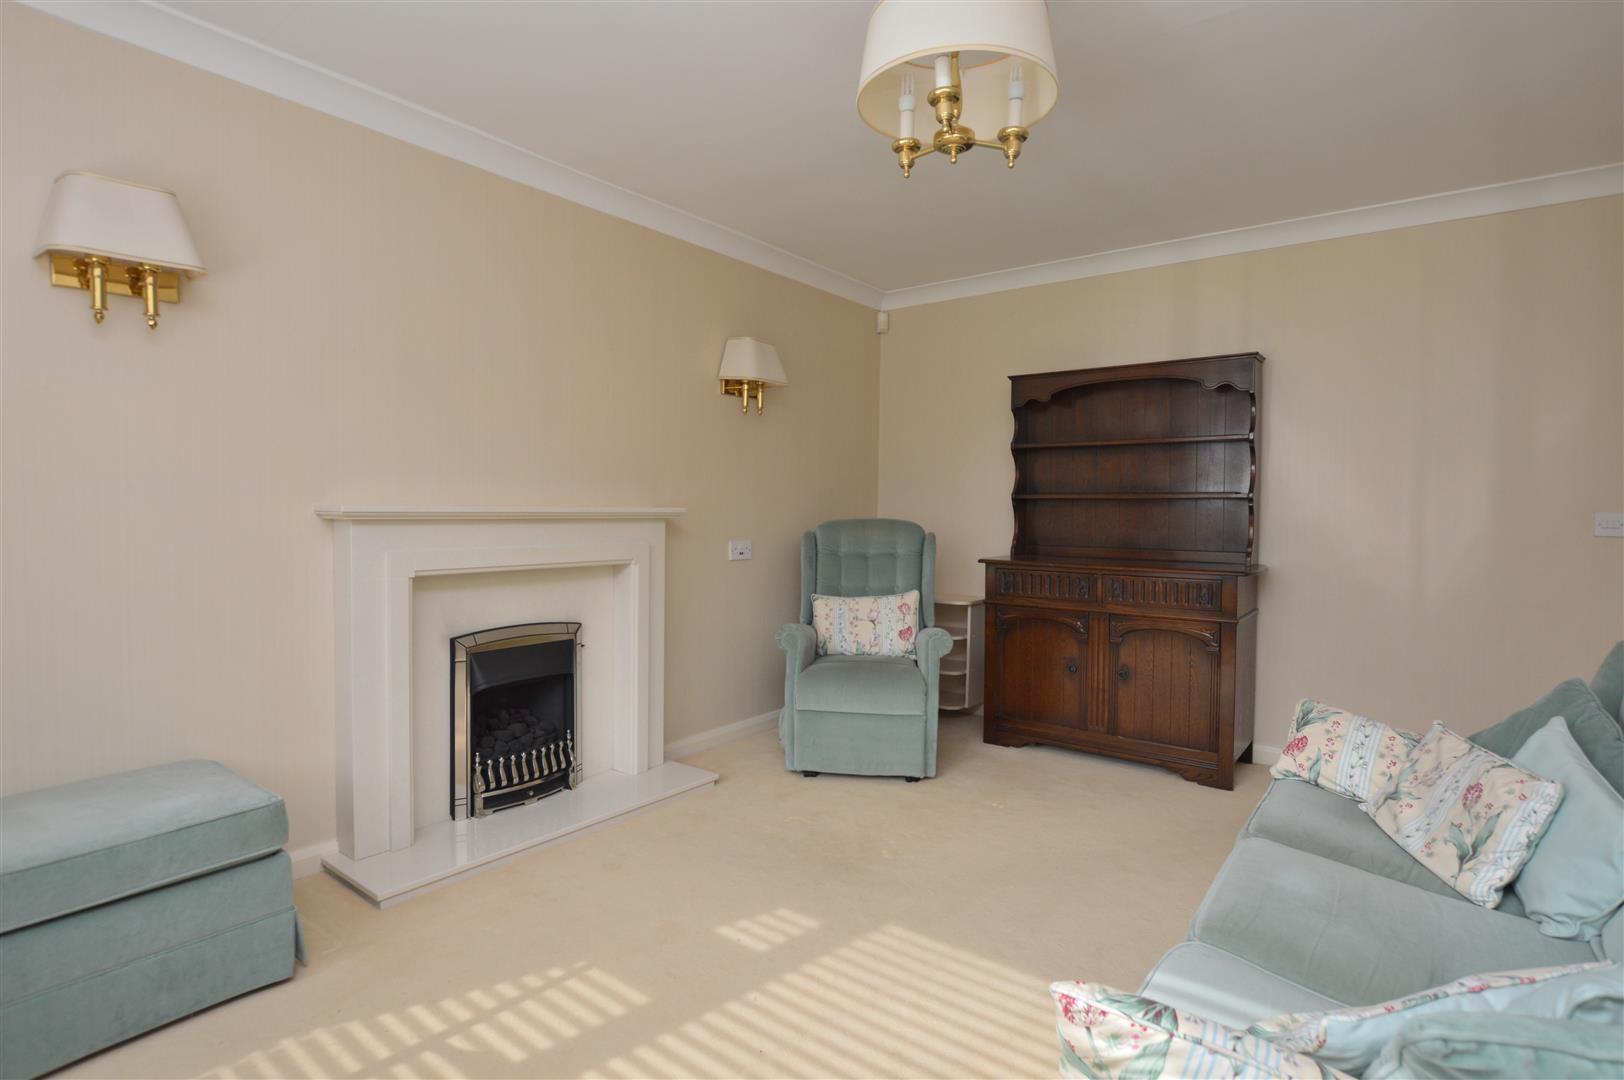 2 Bedroom Detached Bungalow For Sale In Belper